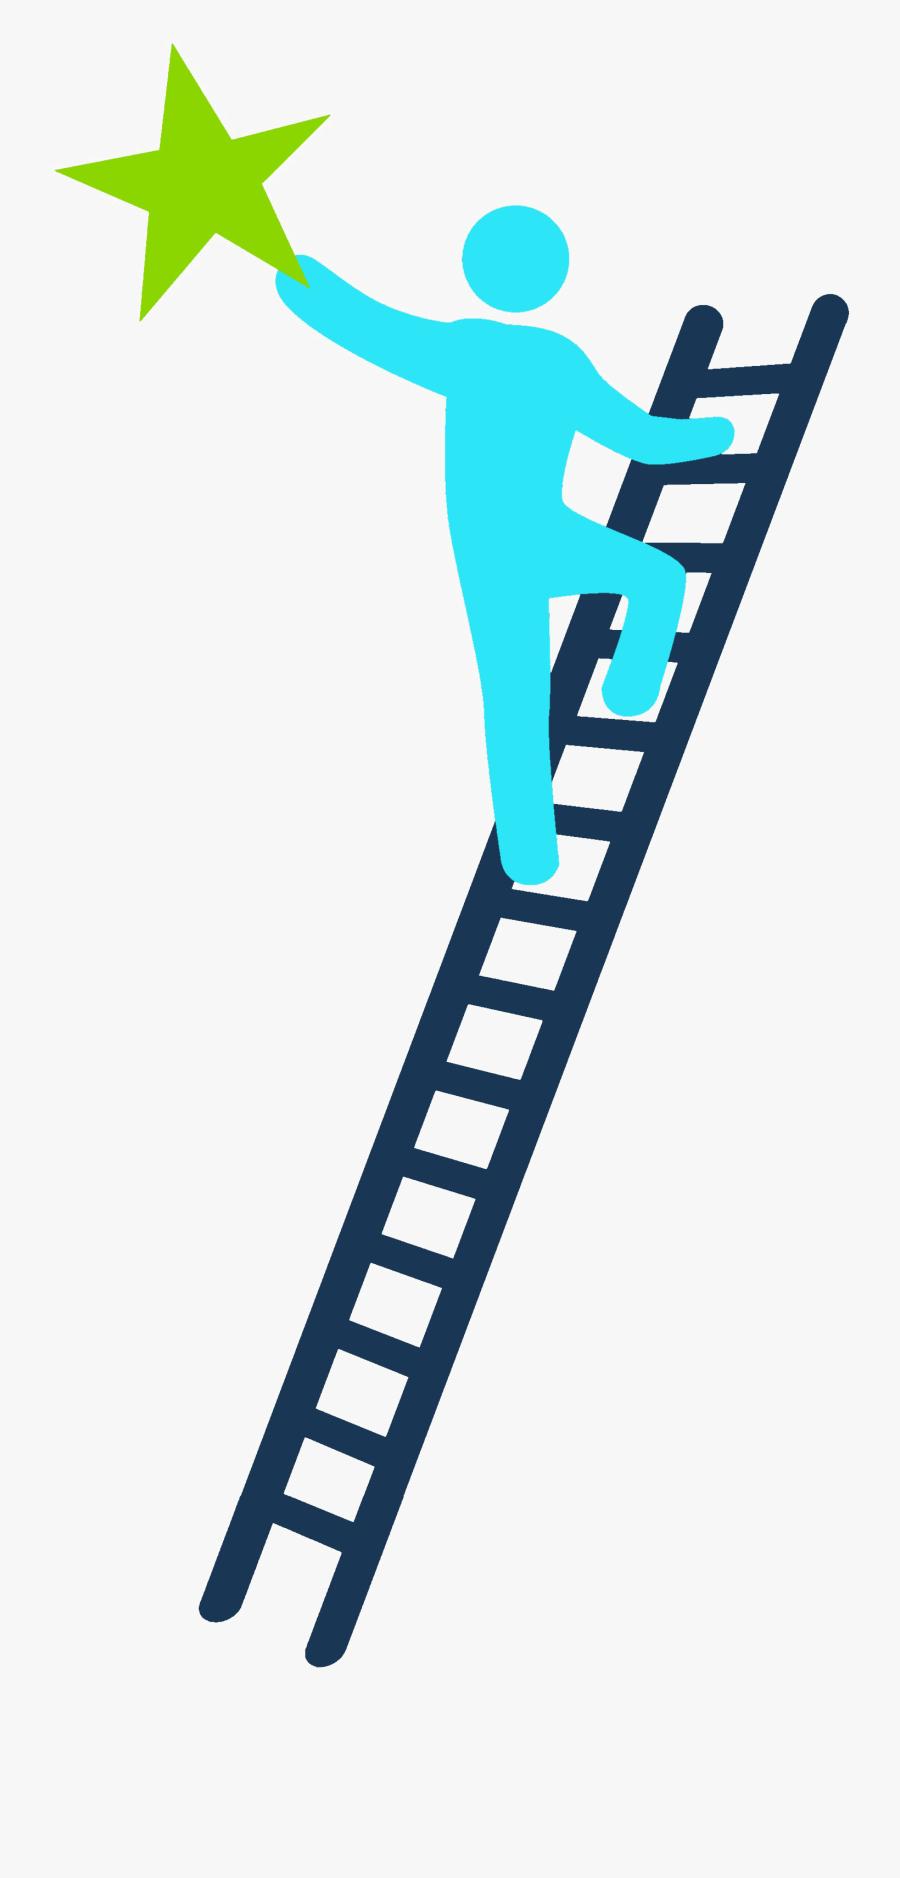 Ladder Of Success Png Transparent Image - Climbing The Ladder To Success Png, Transparent Clipart